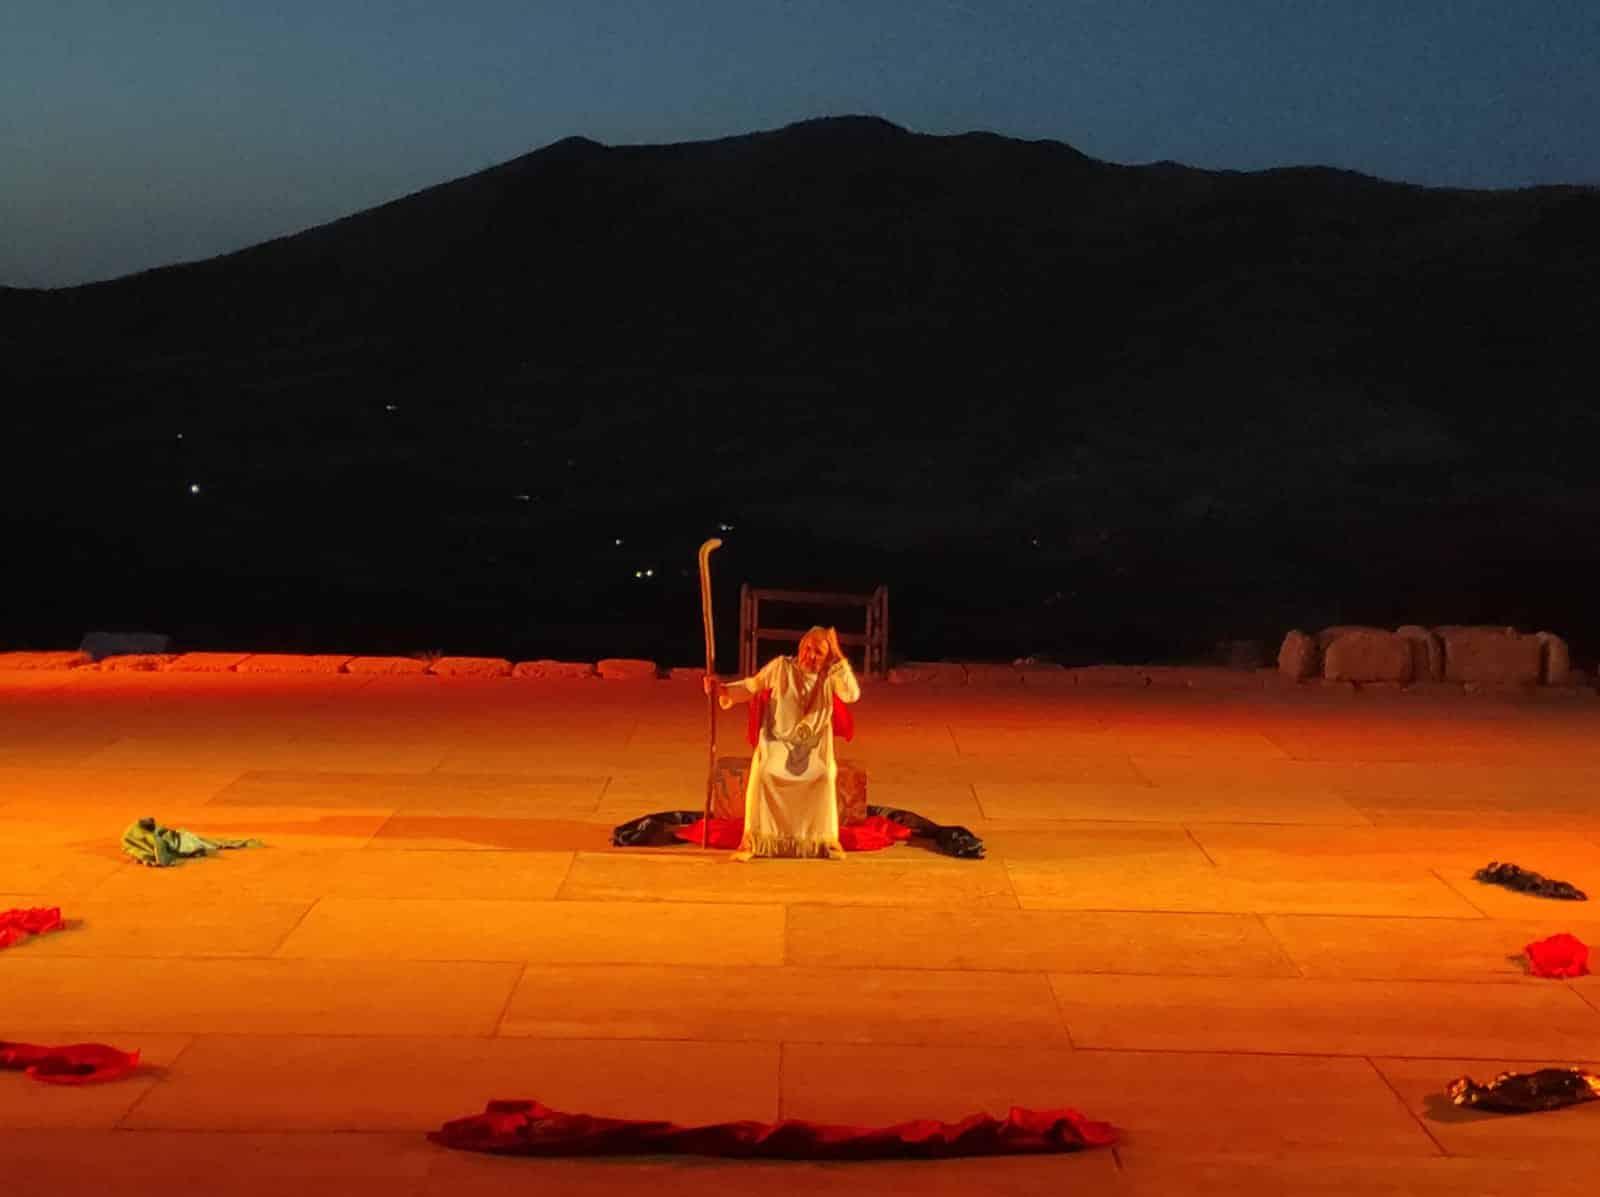 Si conclude il tour Edipo Re di Salvatore Guglielmino, tra applausi e standing ovation finale